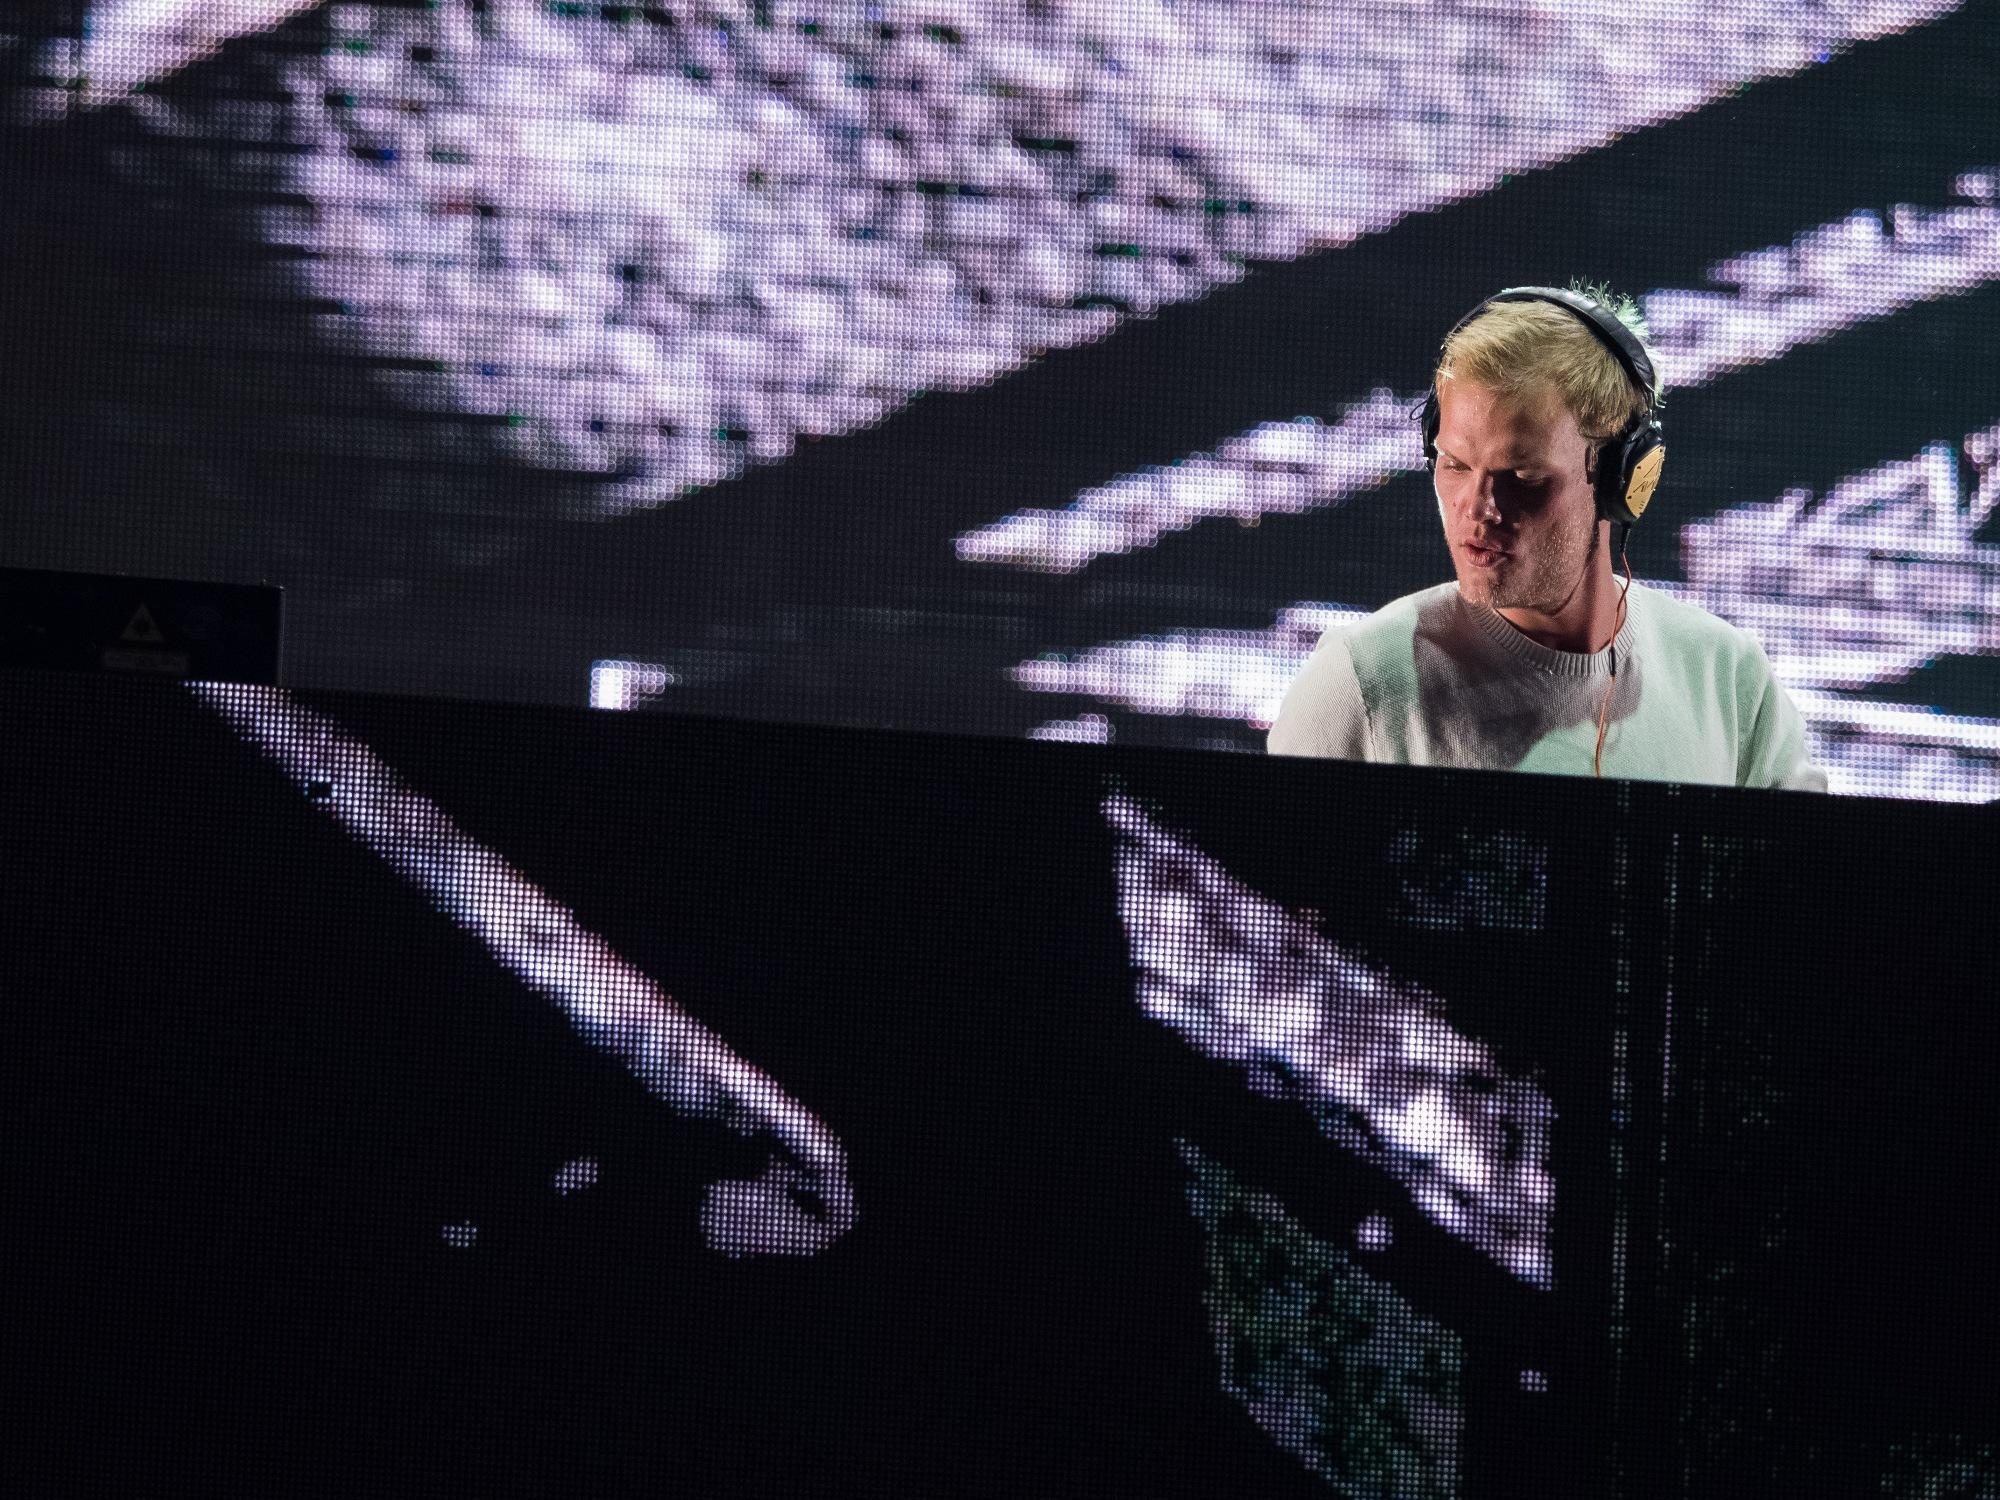 Morto Avicii, produttore stella mondiale della dance